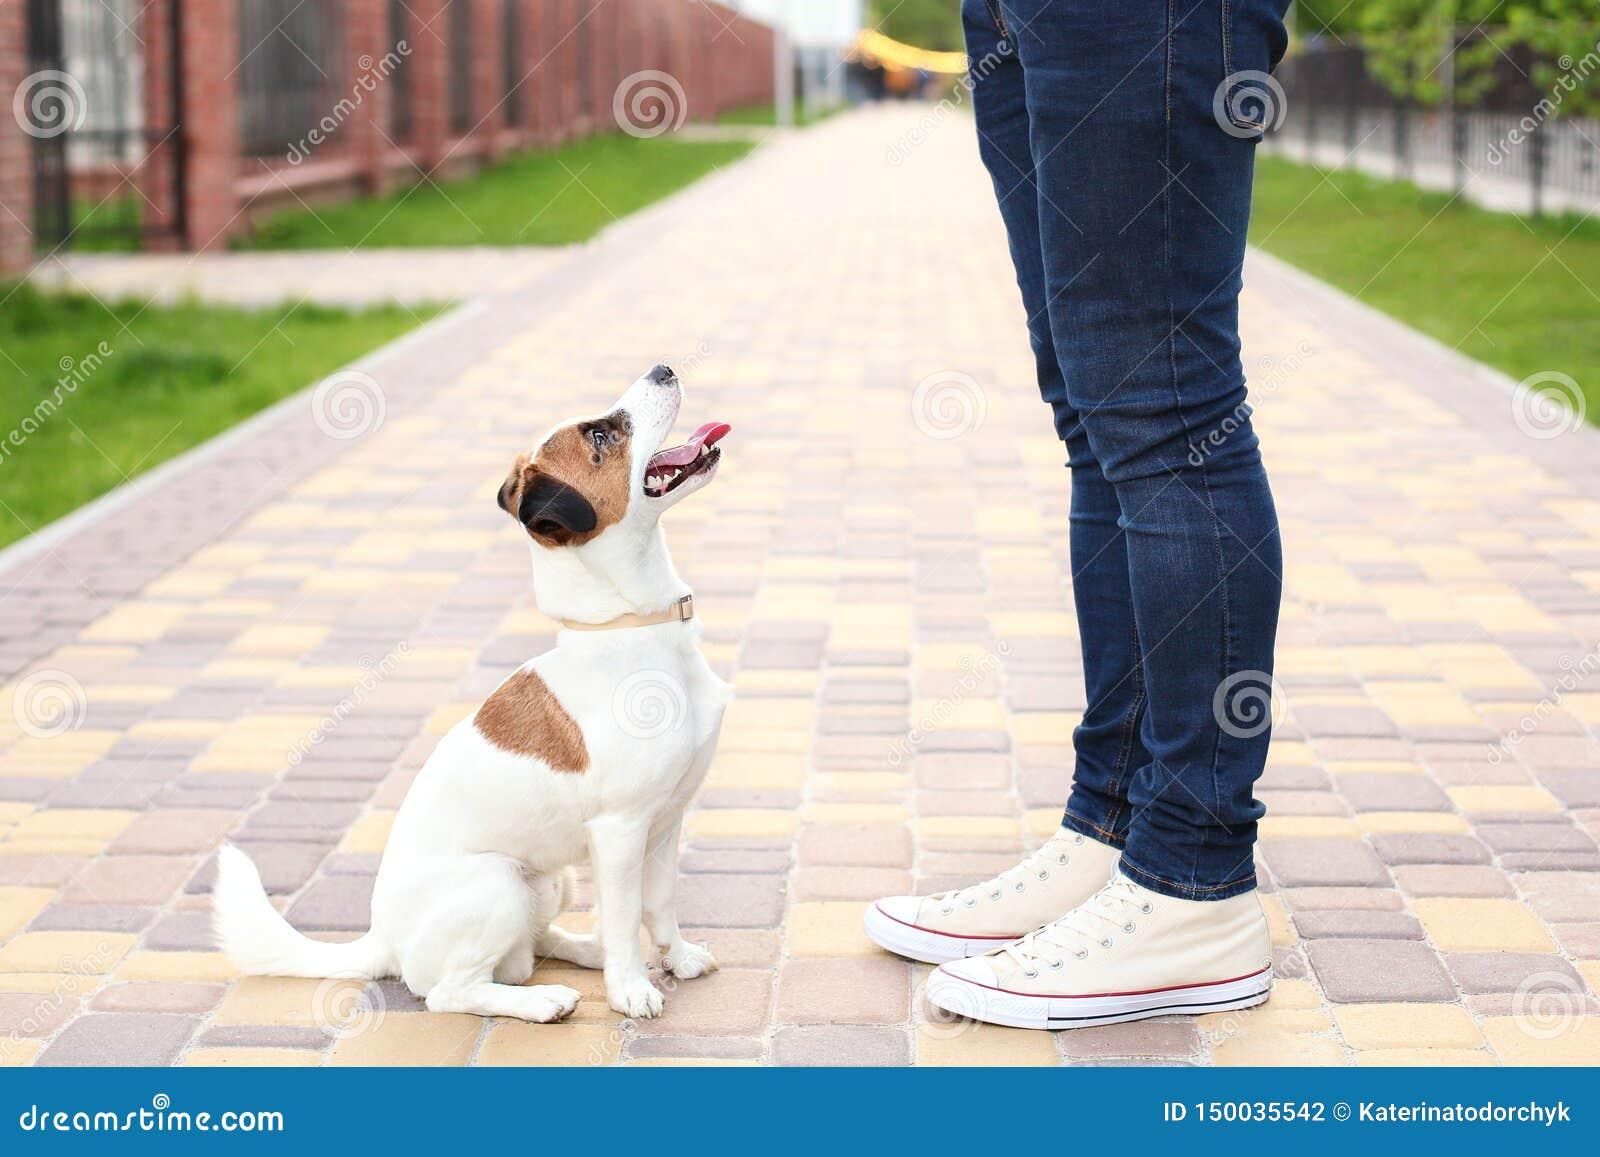 Hunden och ägaren Jack Russell Terrier i förväntan av går i parkerar, på gatan, patienten och lydigt Utbildning och drev